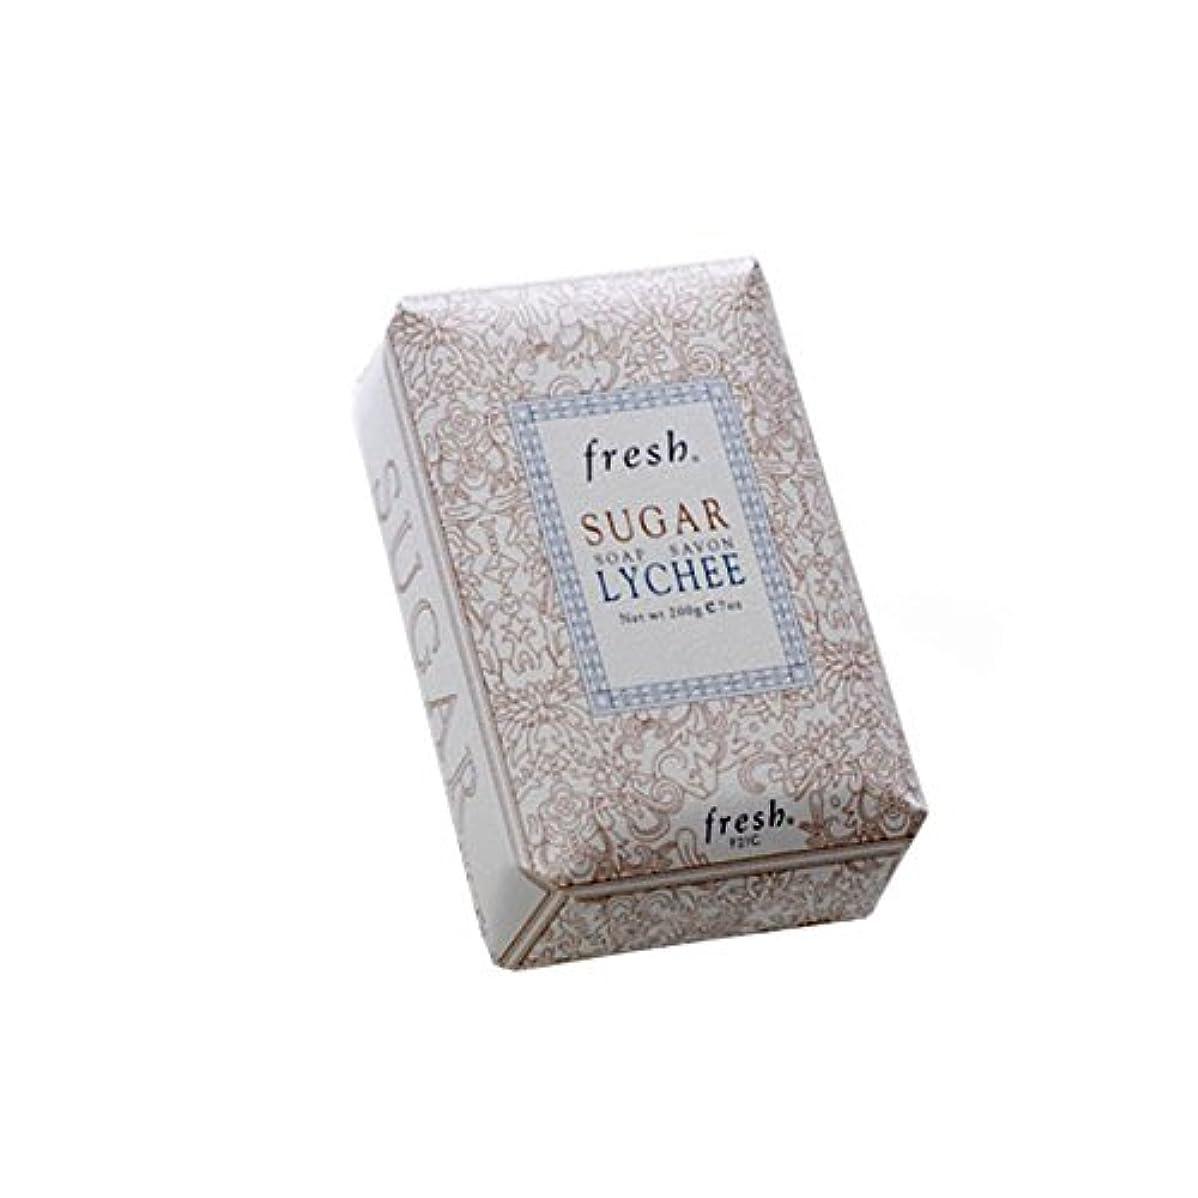 明らかに保守的ベジタリアンFresh フレッシュ シュガーライチ石鹸 Sugar Lychee Soap, 200g/7oz [海外直送品] [並行輸入品]